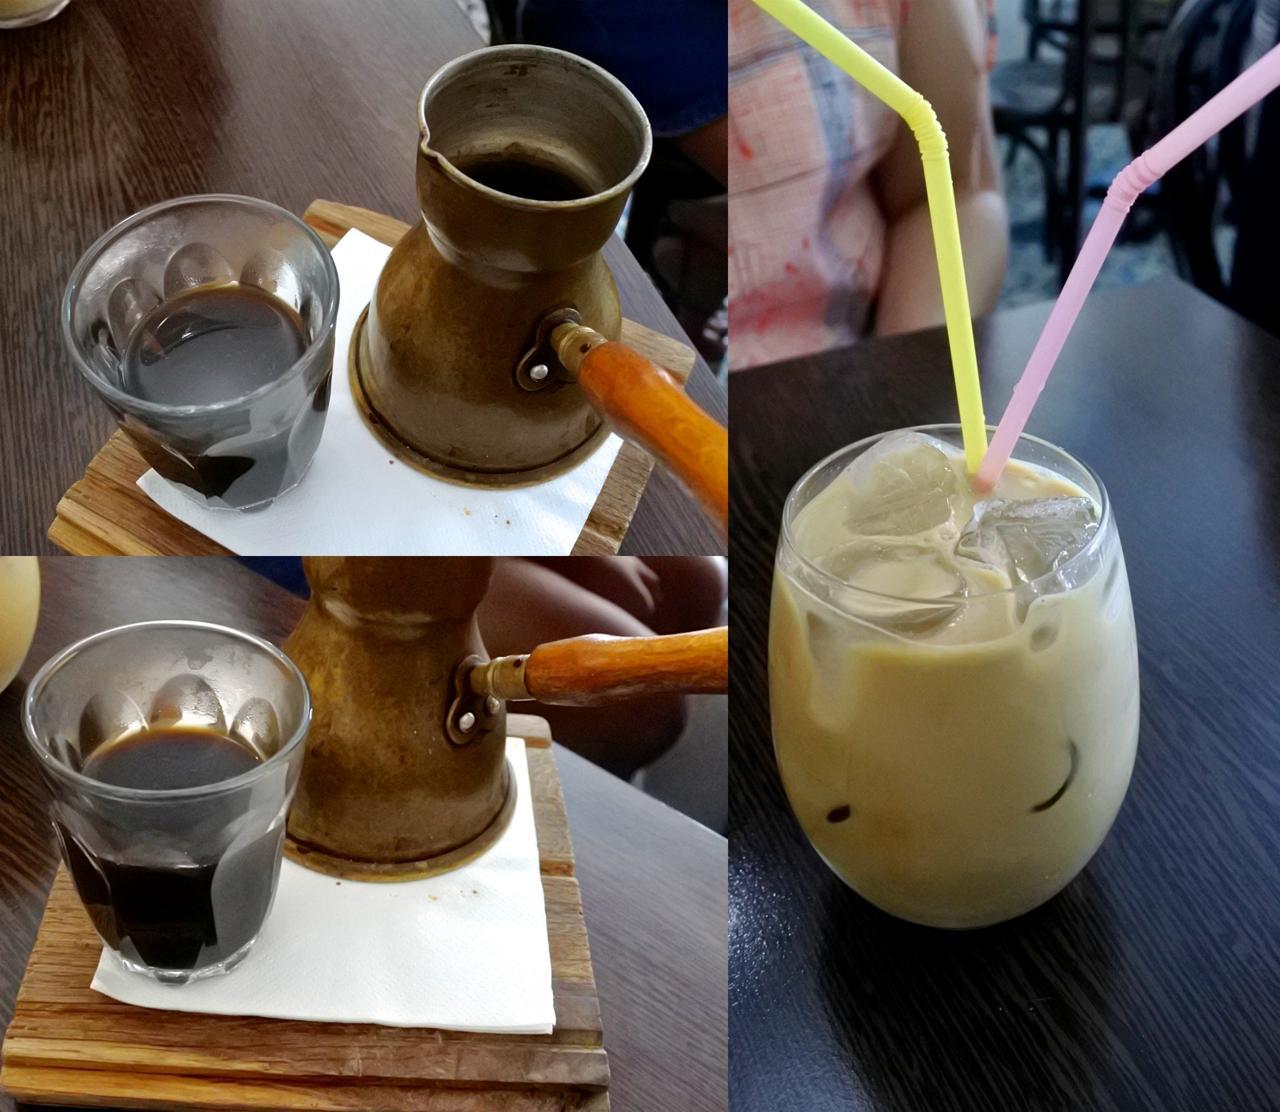 締めにカルダモン・コーヒーを♪ 右はアイスラテだったかな。